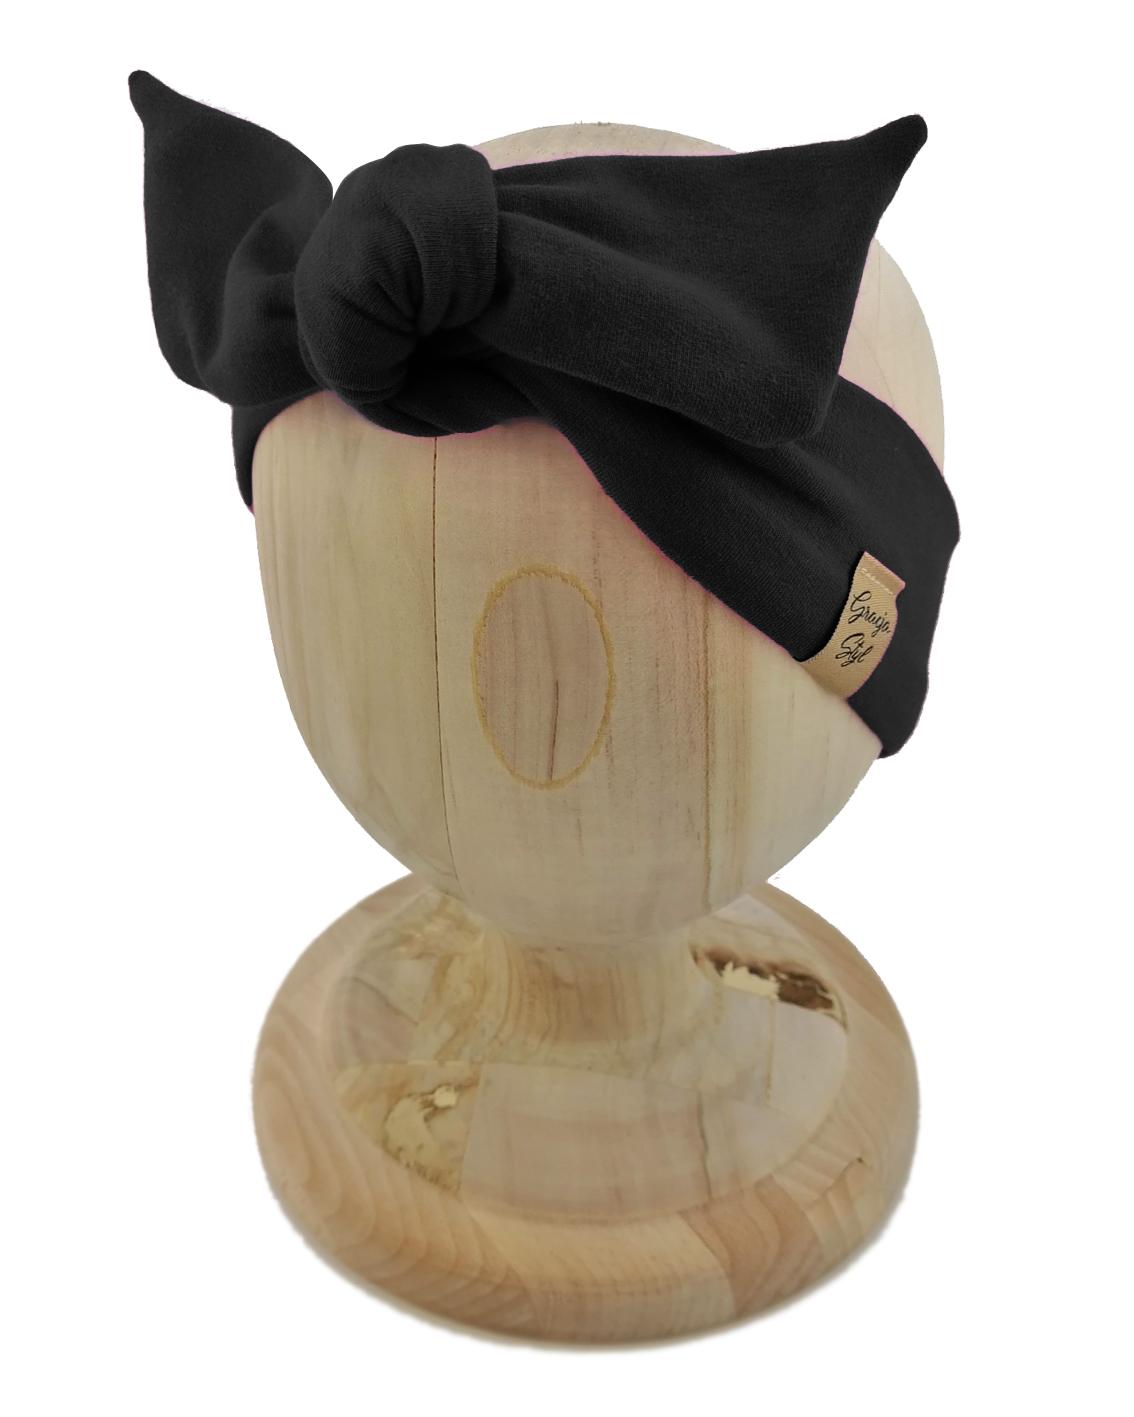 Opaska kobieca typu Pin-up> marki Gracja Styl. Kolor opaski czarny. Uszyta z bawełny petelkowej typu dresówka.